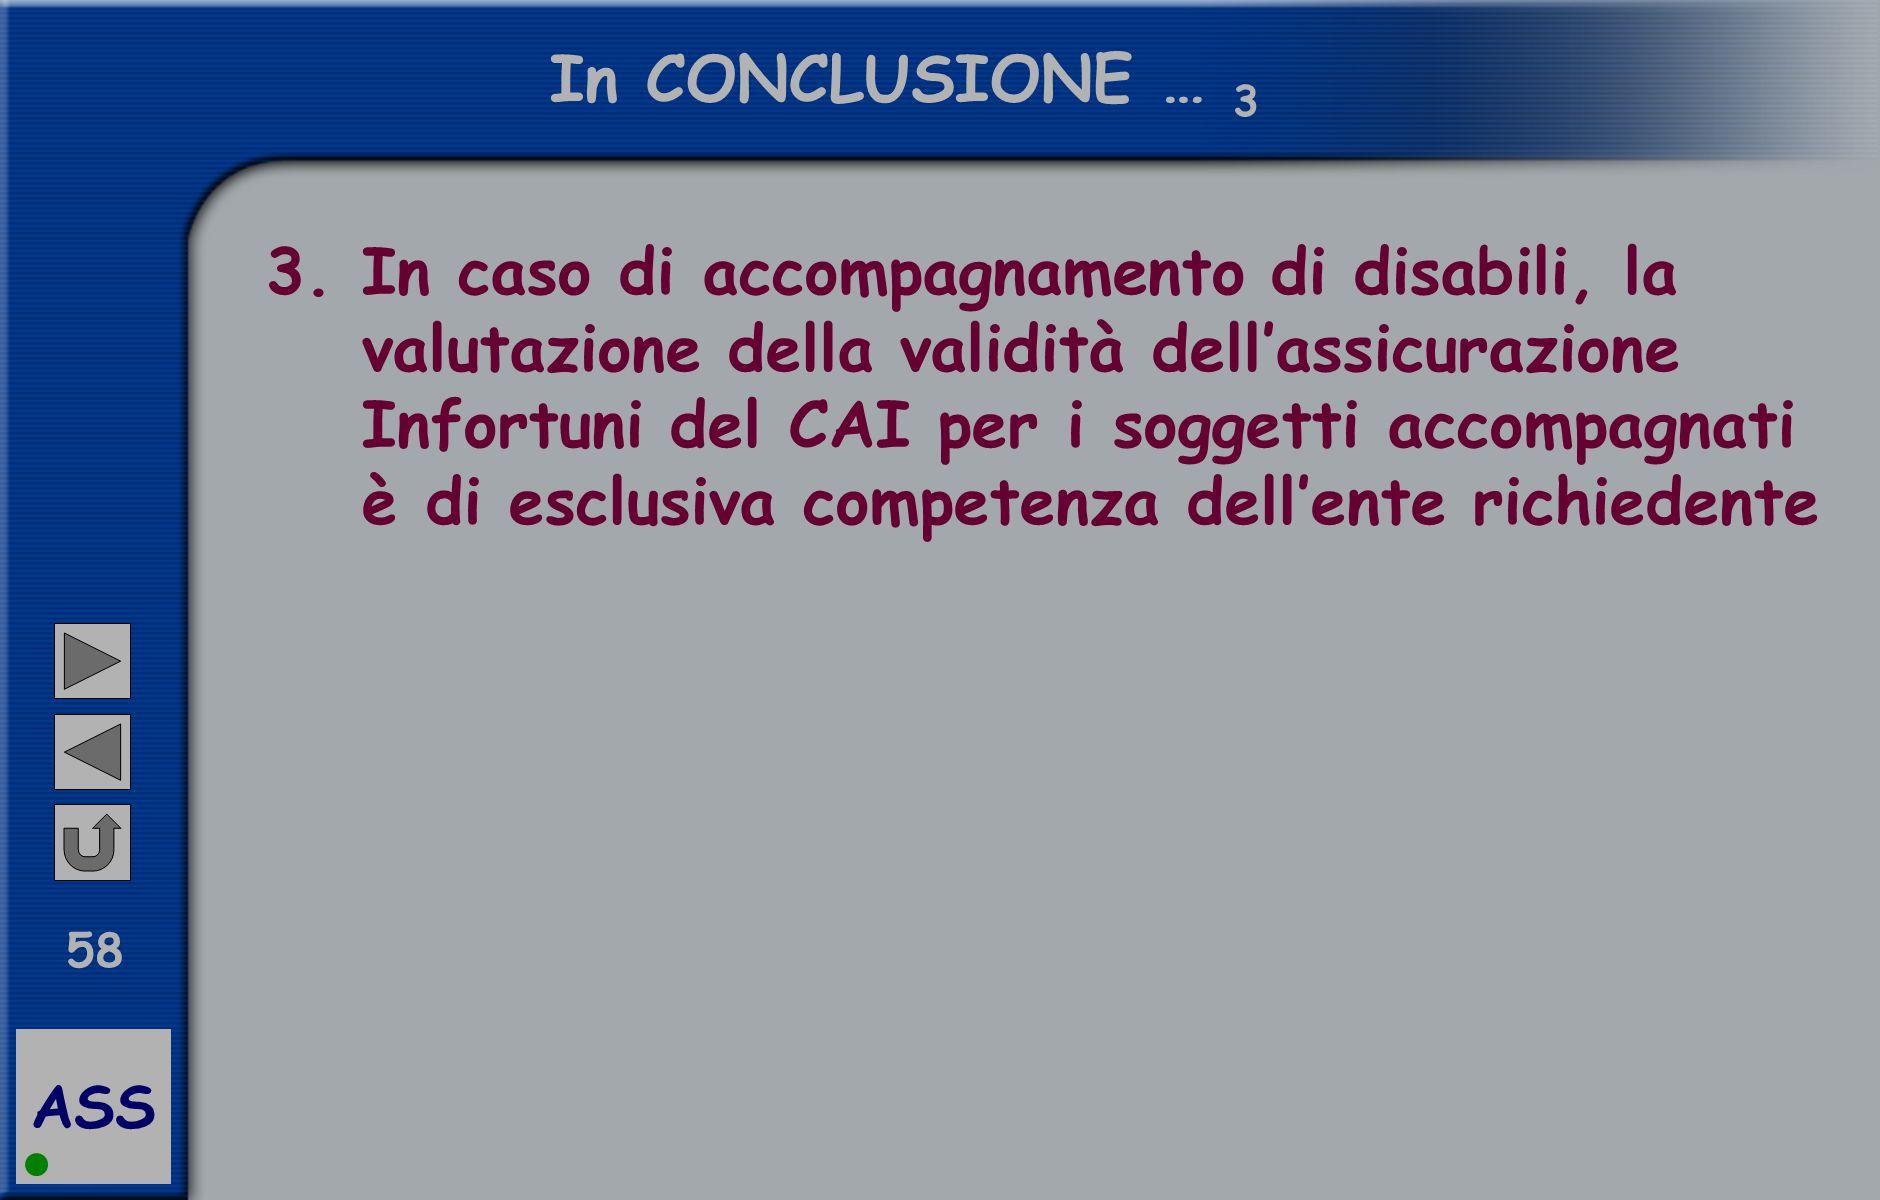 ASS 58 In CONCLUSIONE … 3 3.In caso di accompagnamento di disabili, la valutazione della validità dell'assicurazione Infortuni del CAI per i soggetti accompagnati è di esclusiva competenza dell'ente richiedente